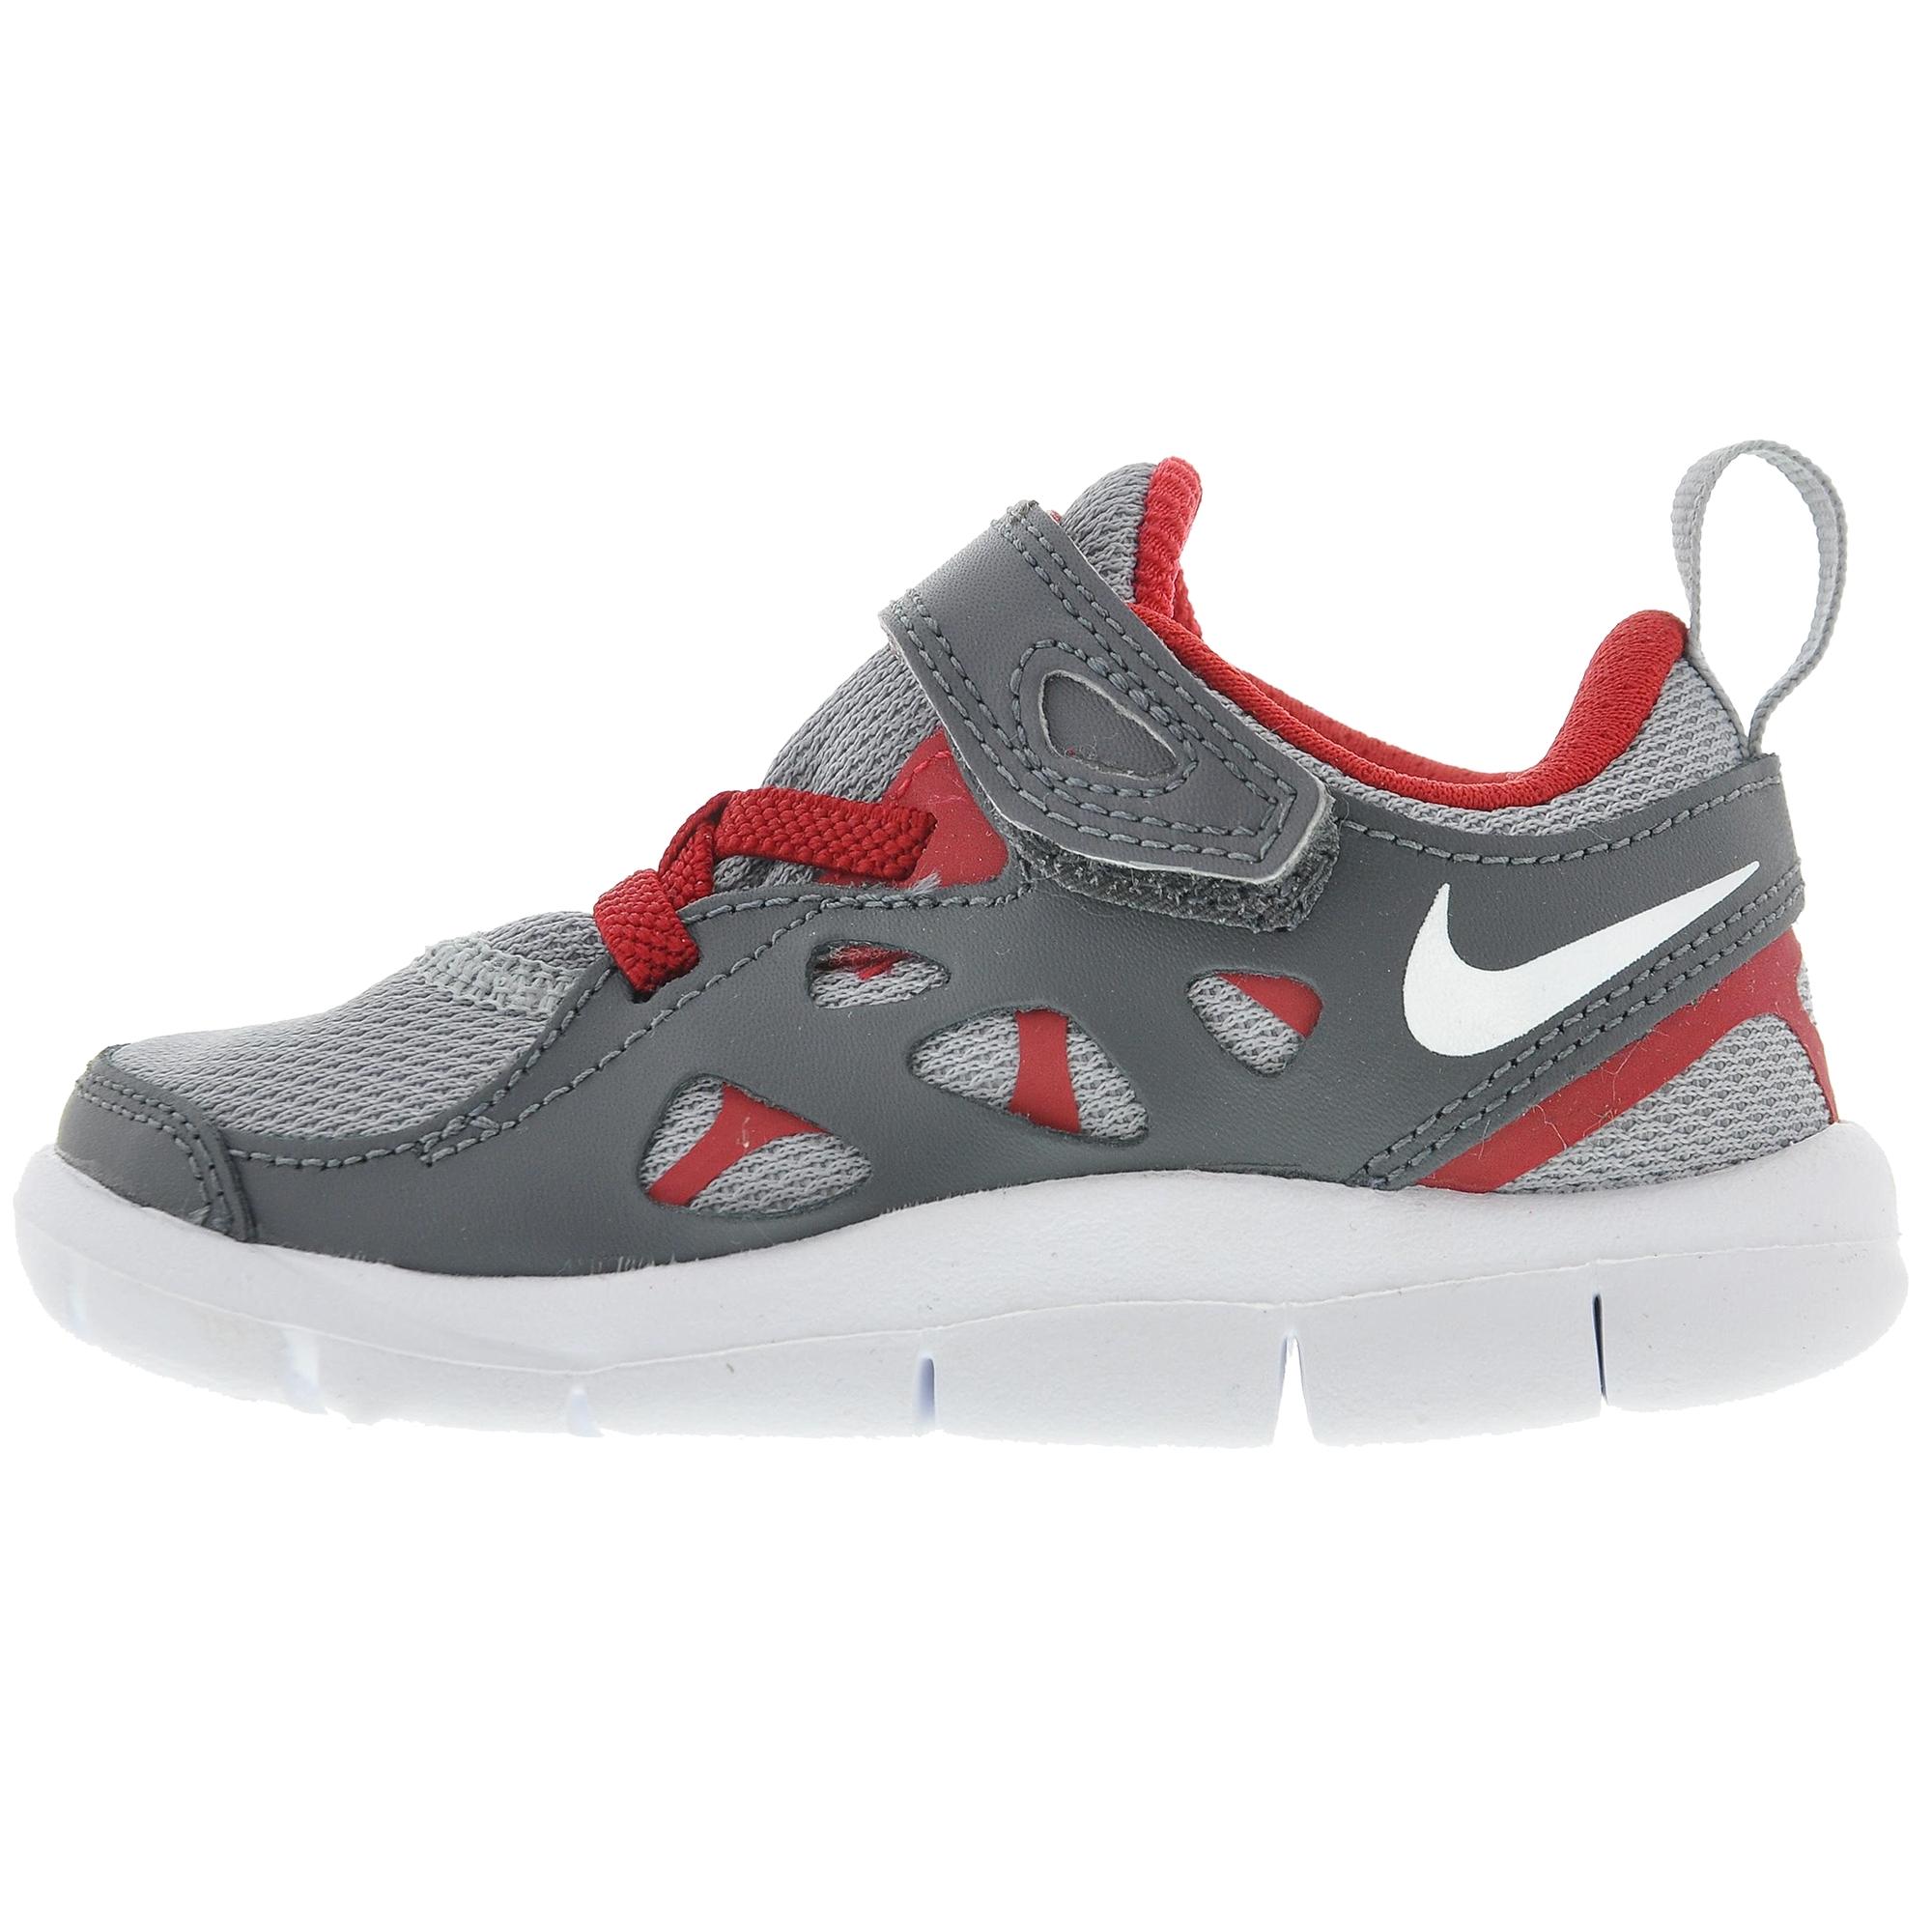 9ffaabc836233 Nike Free Run 2 (Tdv) Çocuk Spor Ayakkabı  443744-032 - Barcin.com